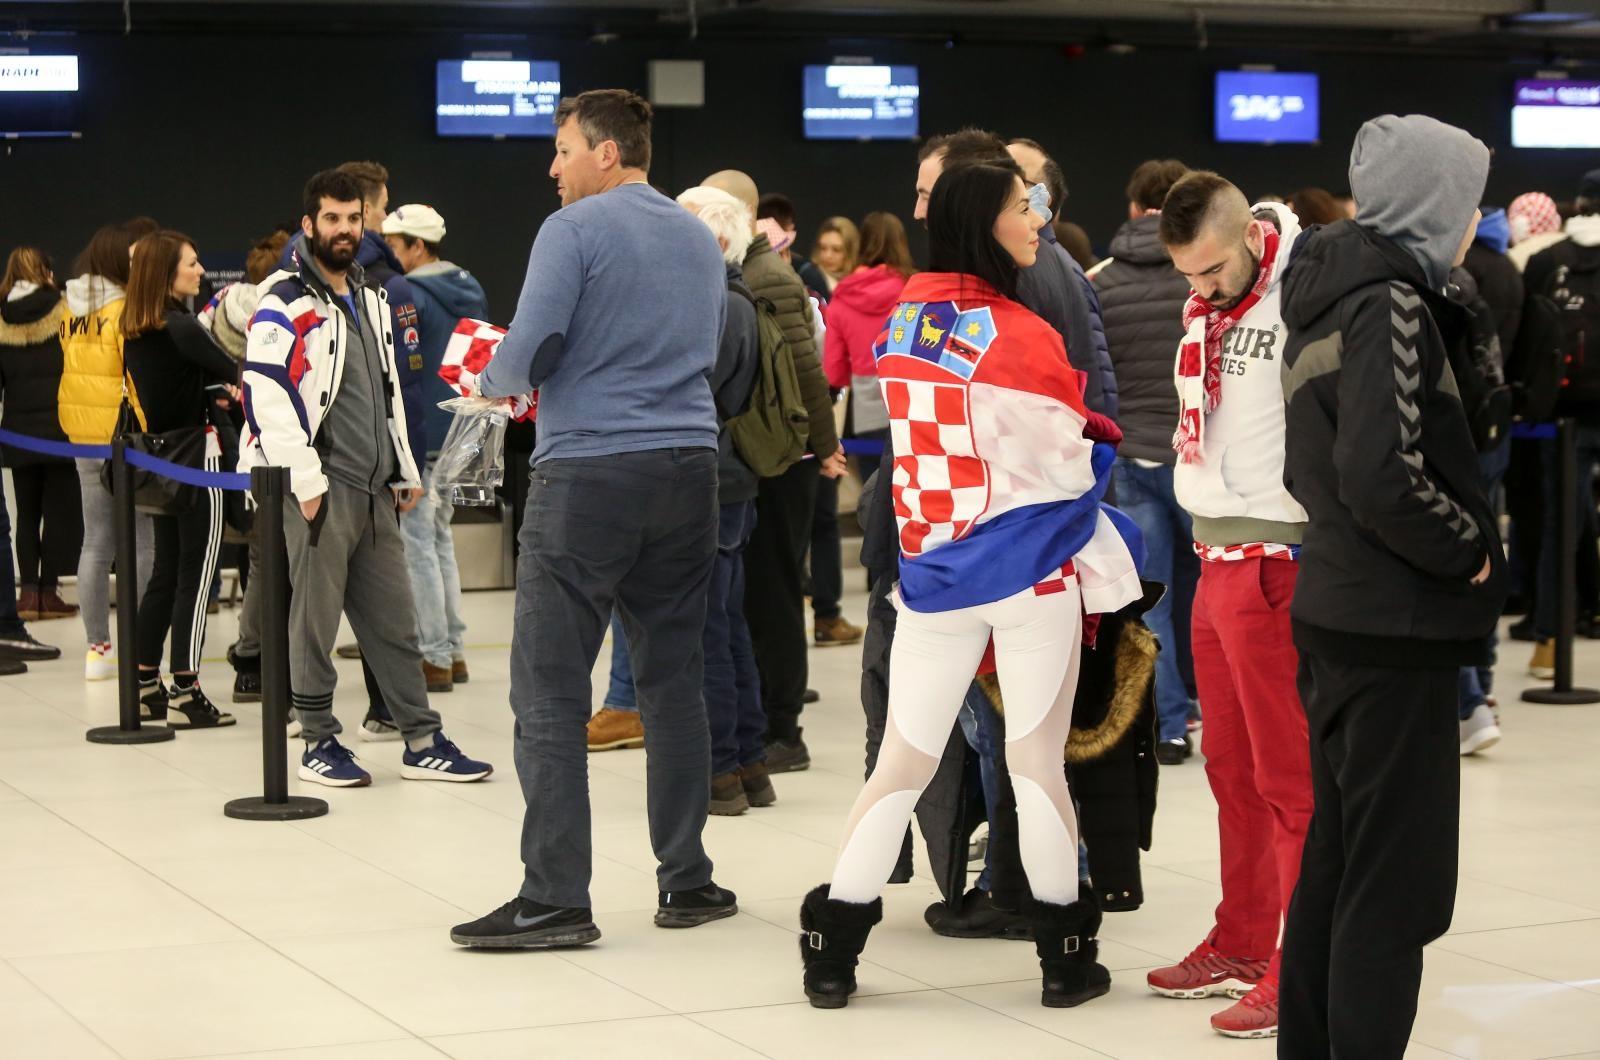 FOTO: Hrvatski navijači od rane zore putuju u Stockholm